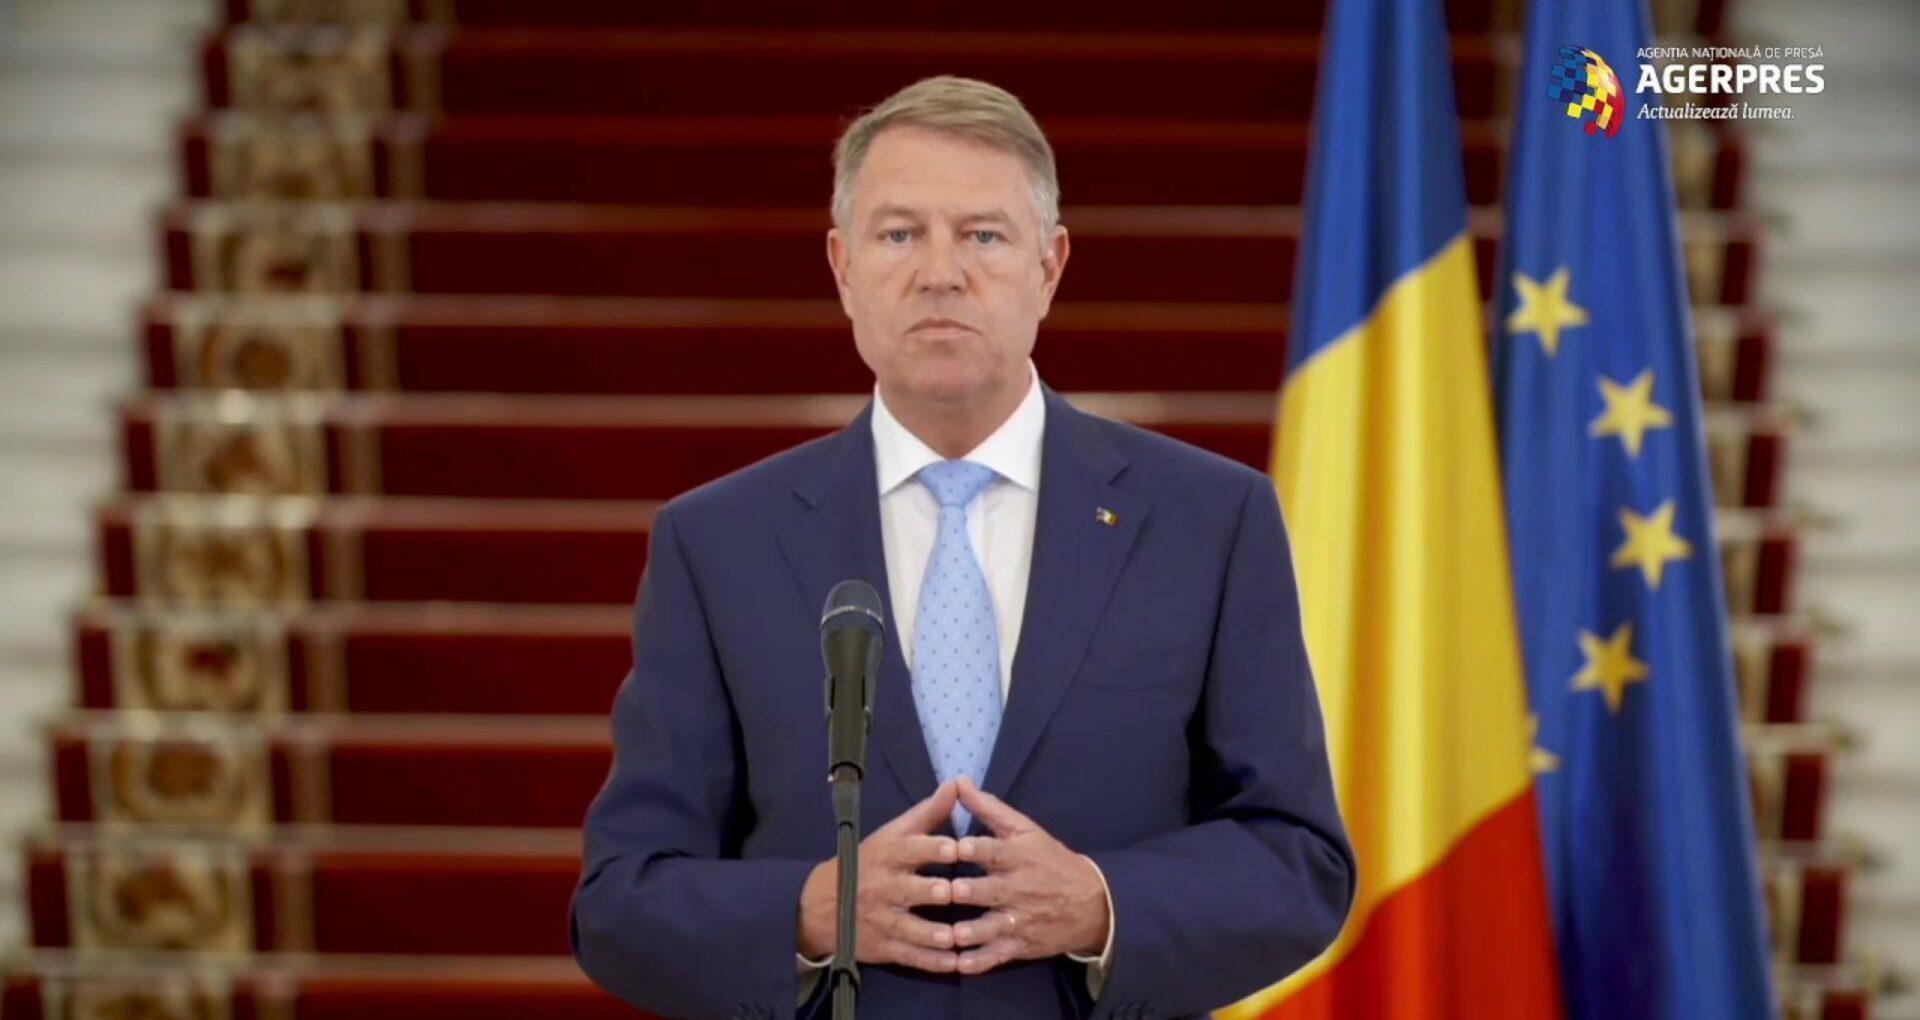 România: Alegeri locale 2020: Președintele și-a exprimat dreptul la vot